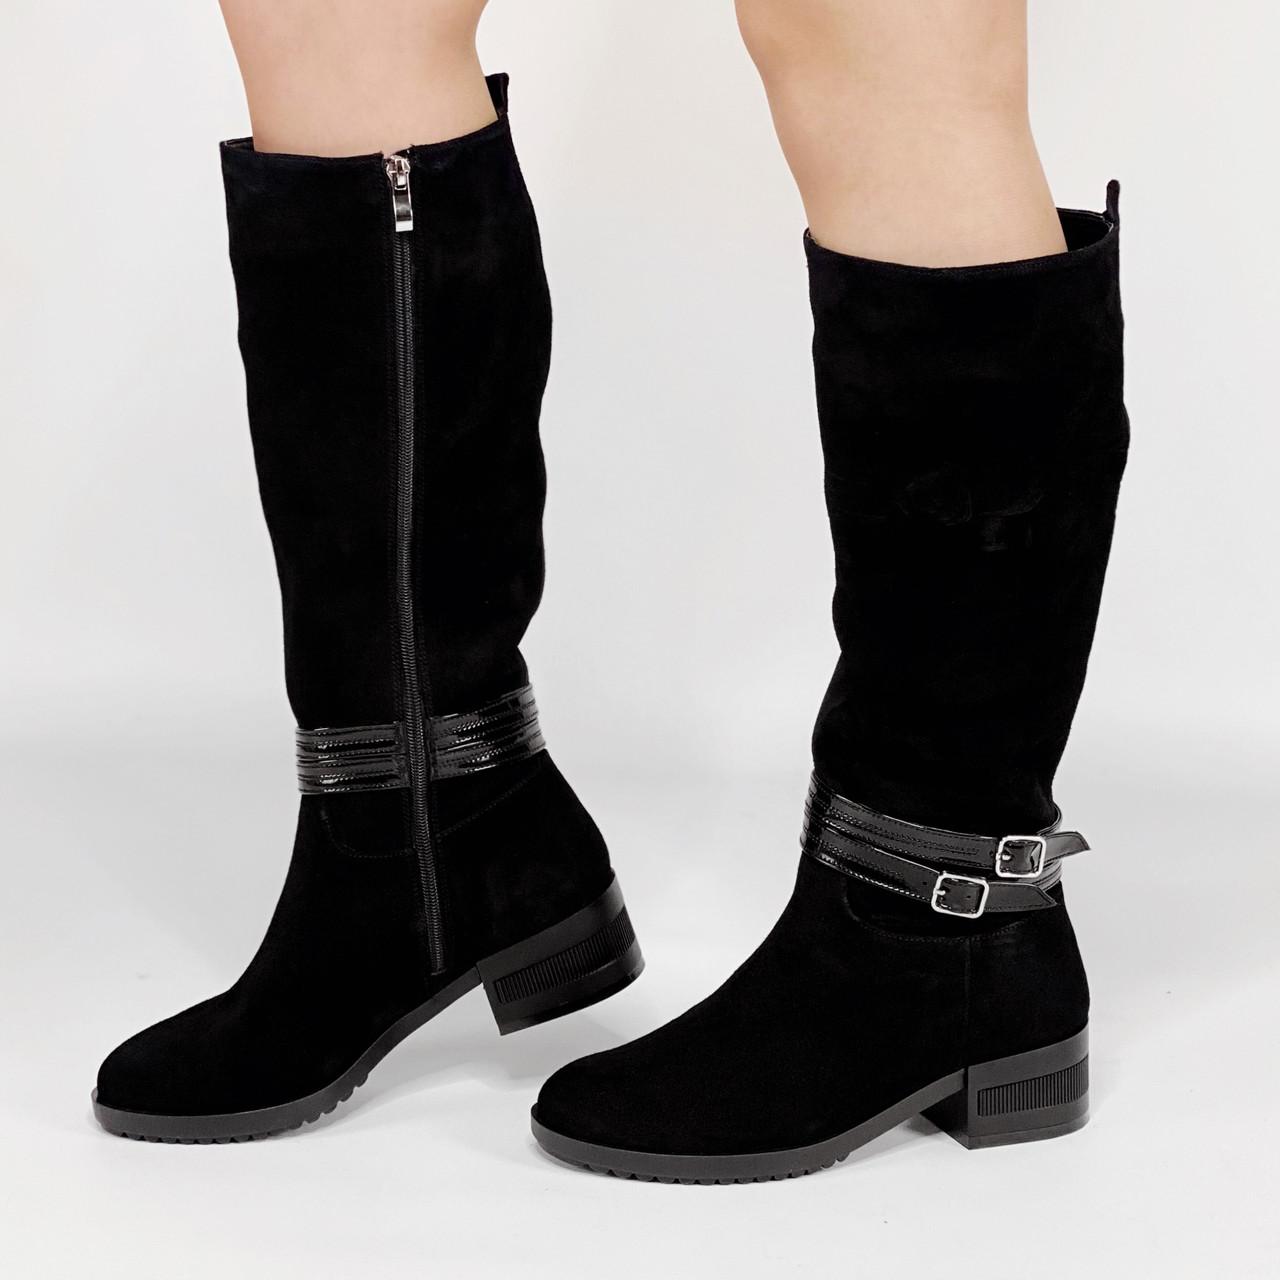 Сапоги женские замшевые черные на широкую голень на низком каблуке MORENTO зимние